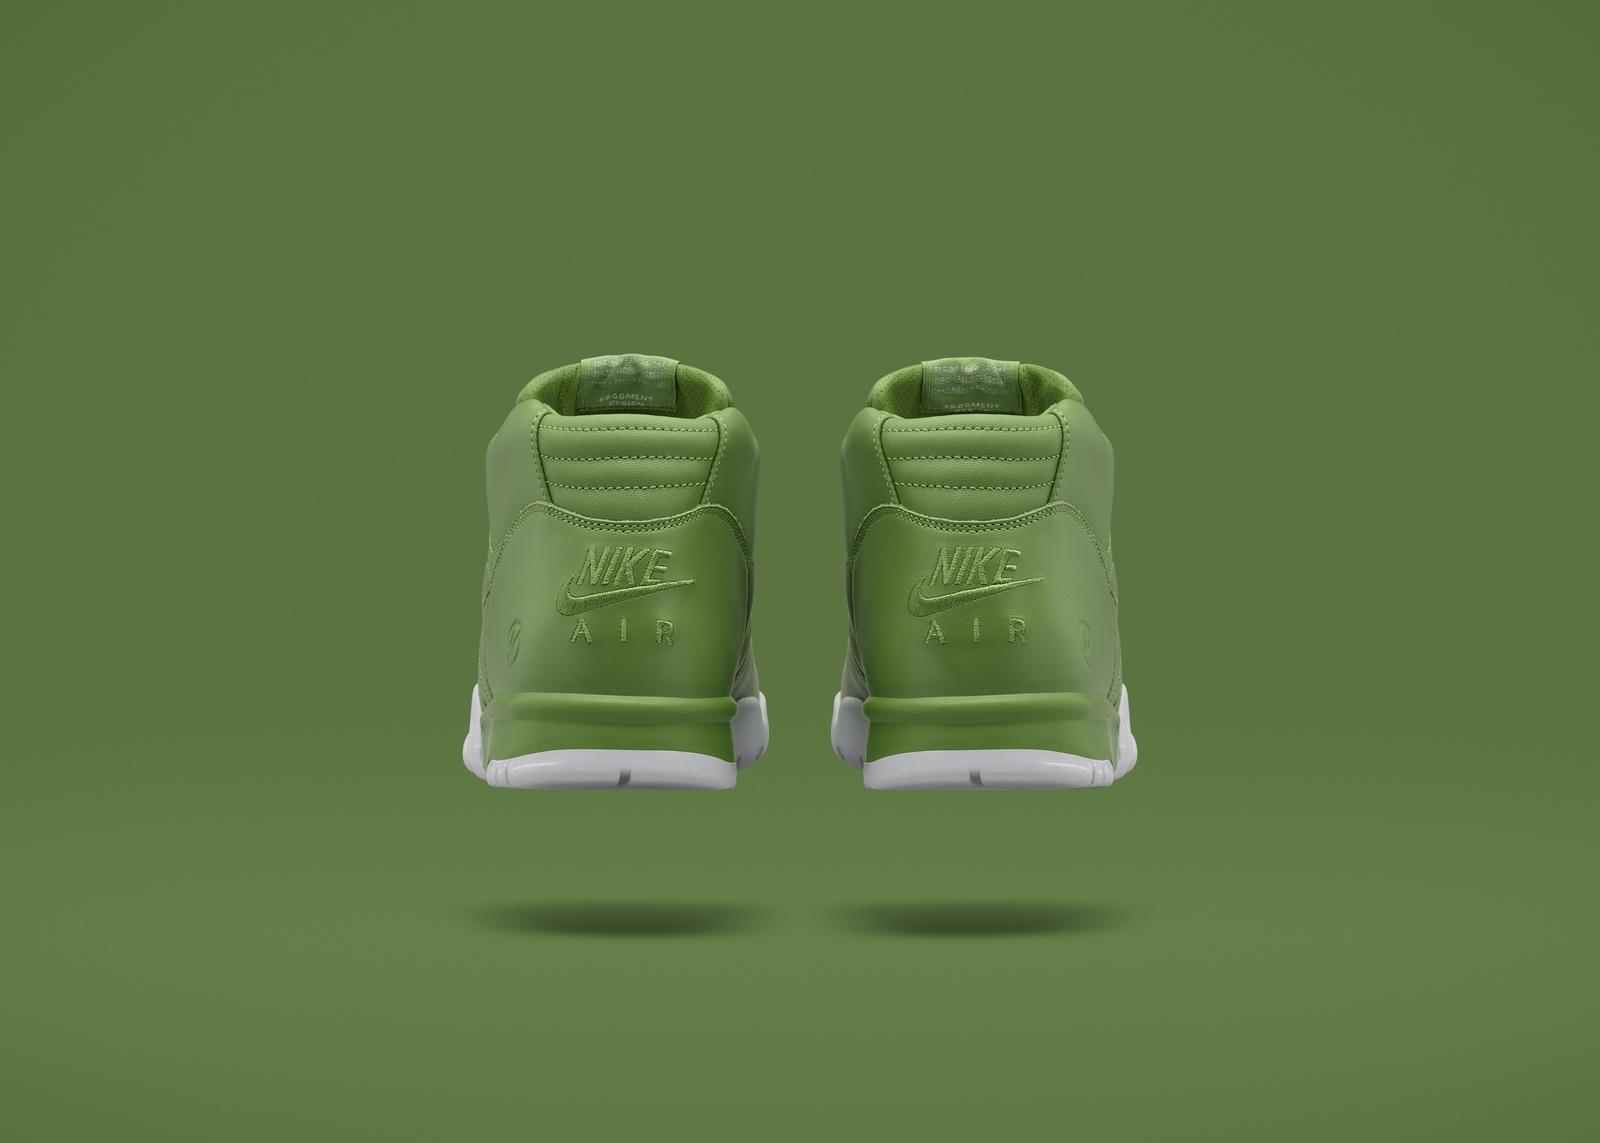 NikeCourt Air Trainer 1 x fragment_8